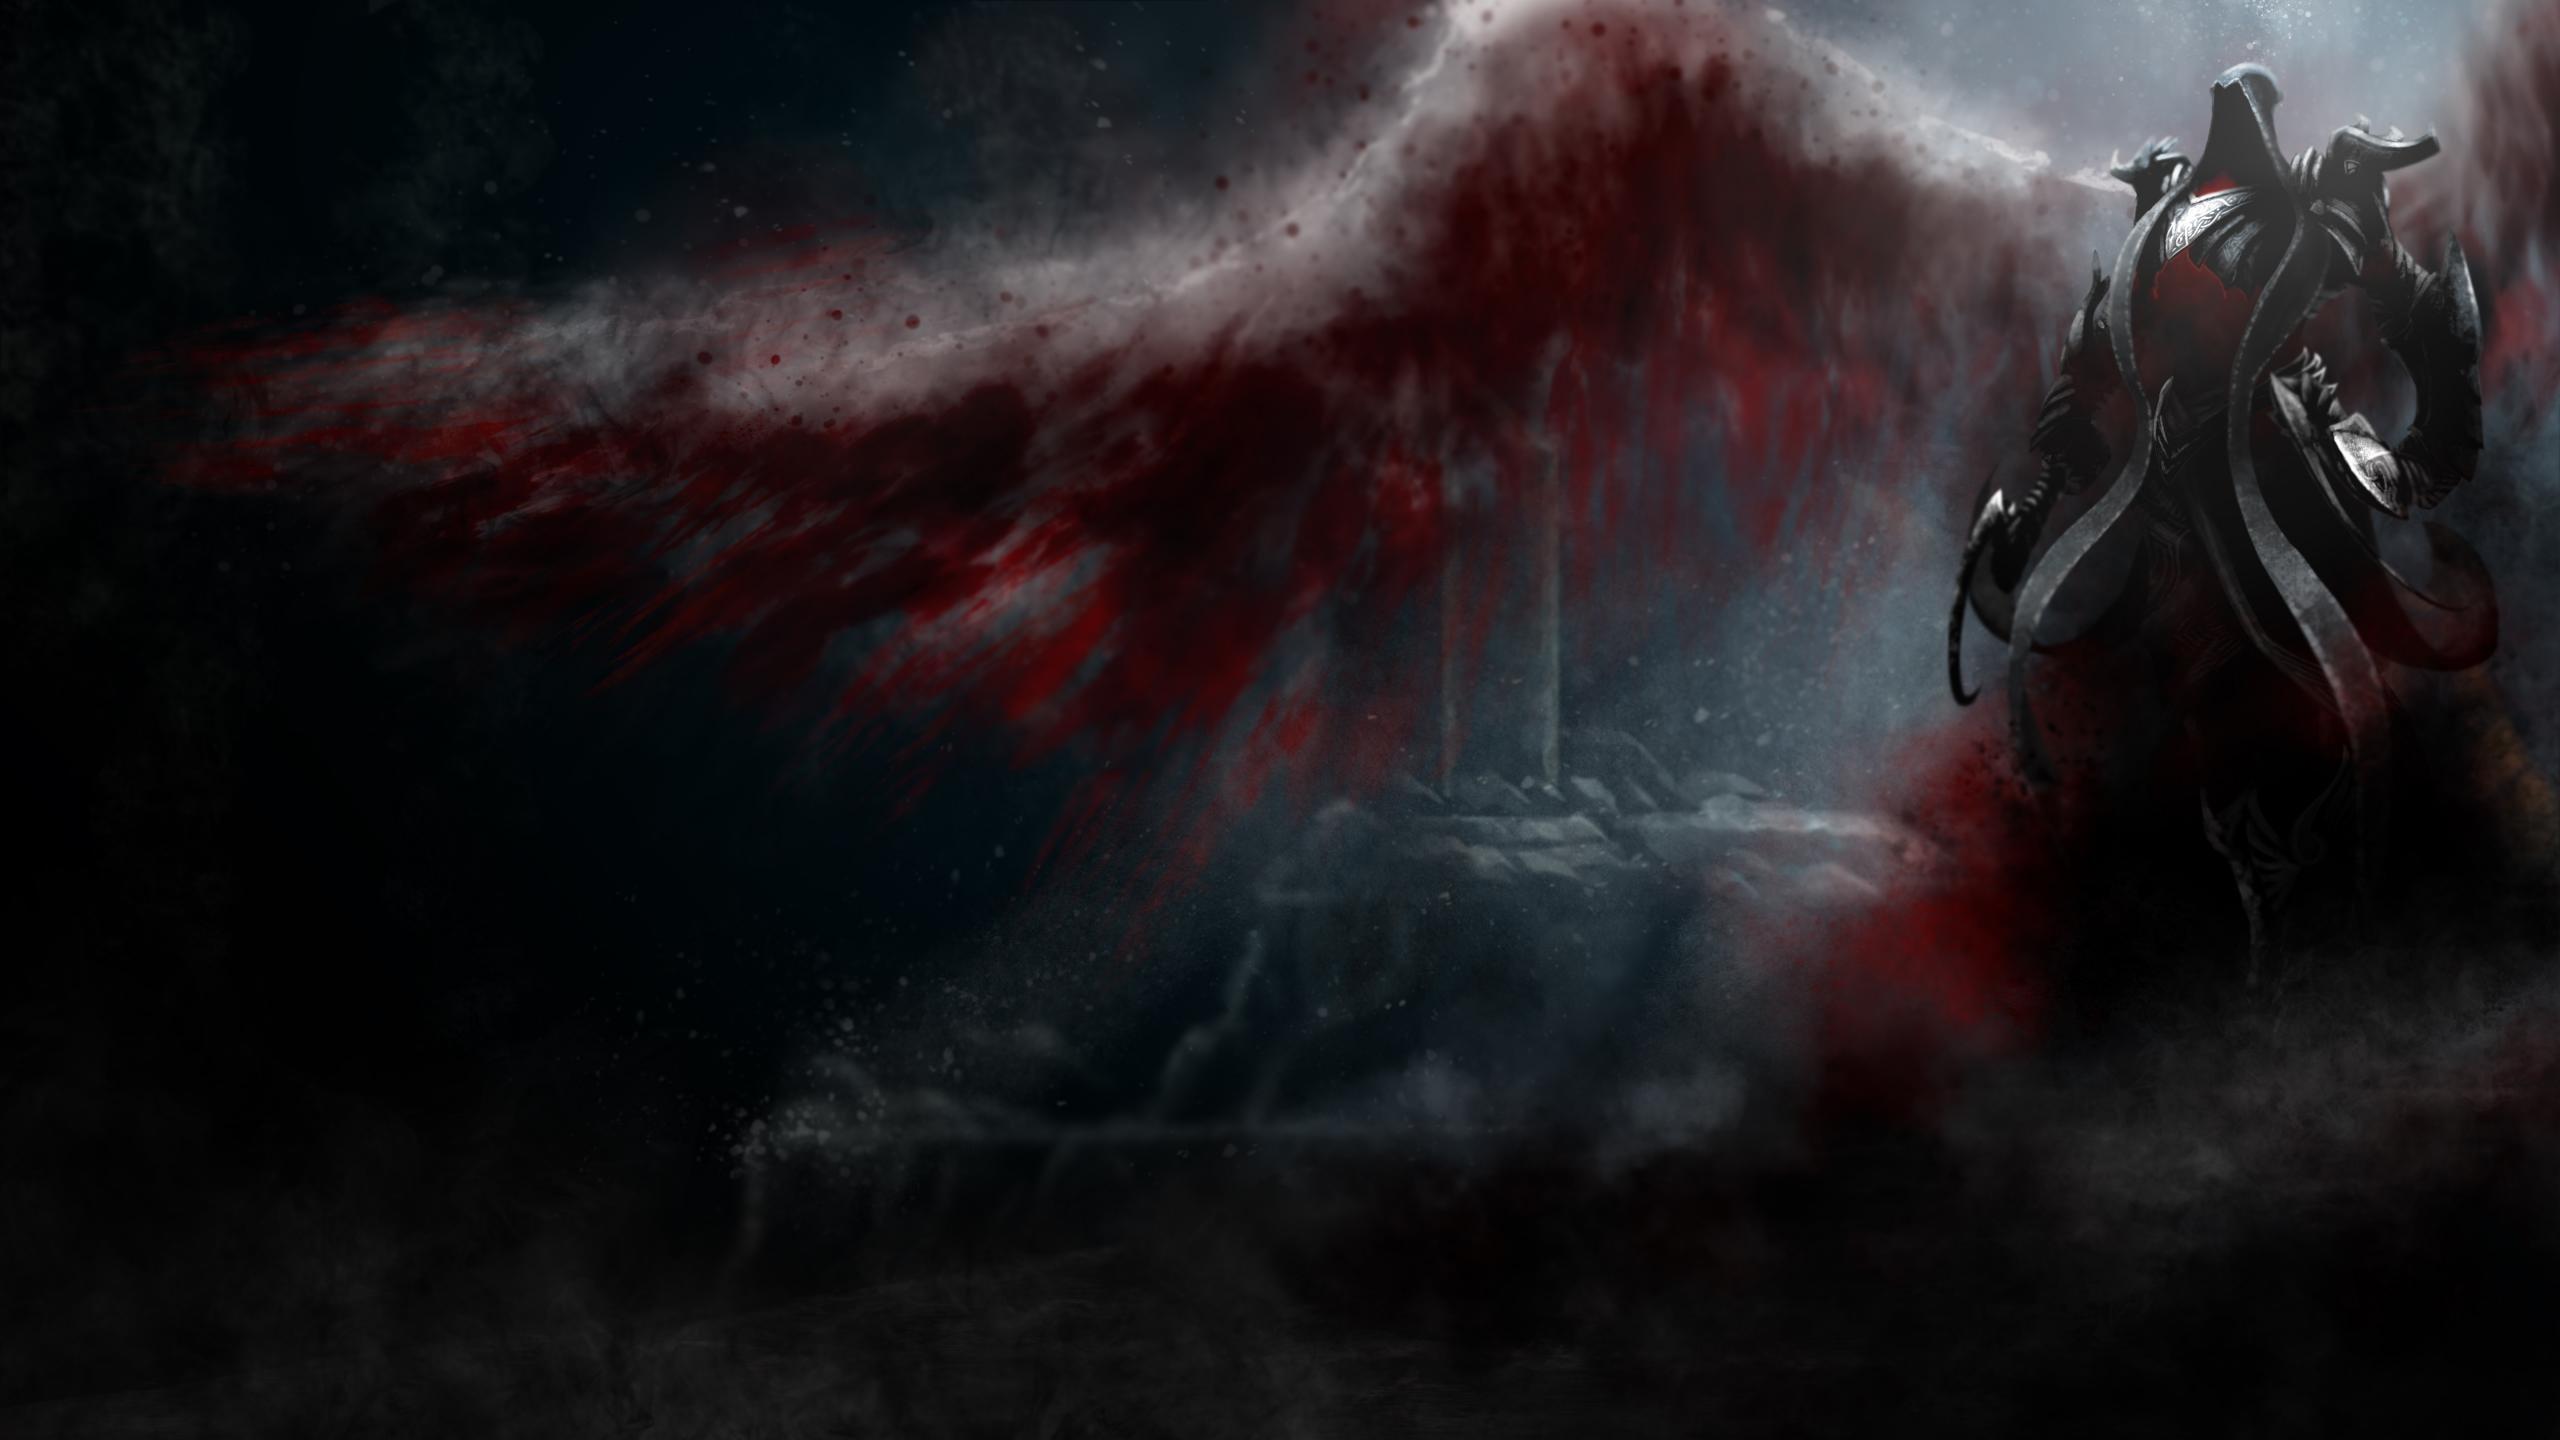 Diablo 3 Reaper Of Souls Wallpapers: Diablo 3: Reaper Of Souls Wallpapers 2560x1440 Desktop